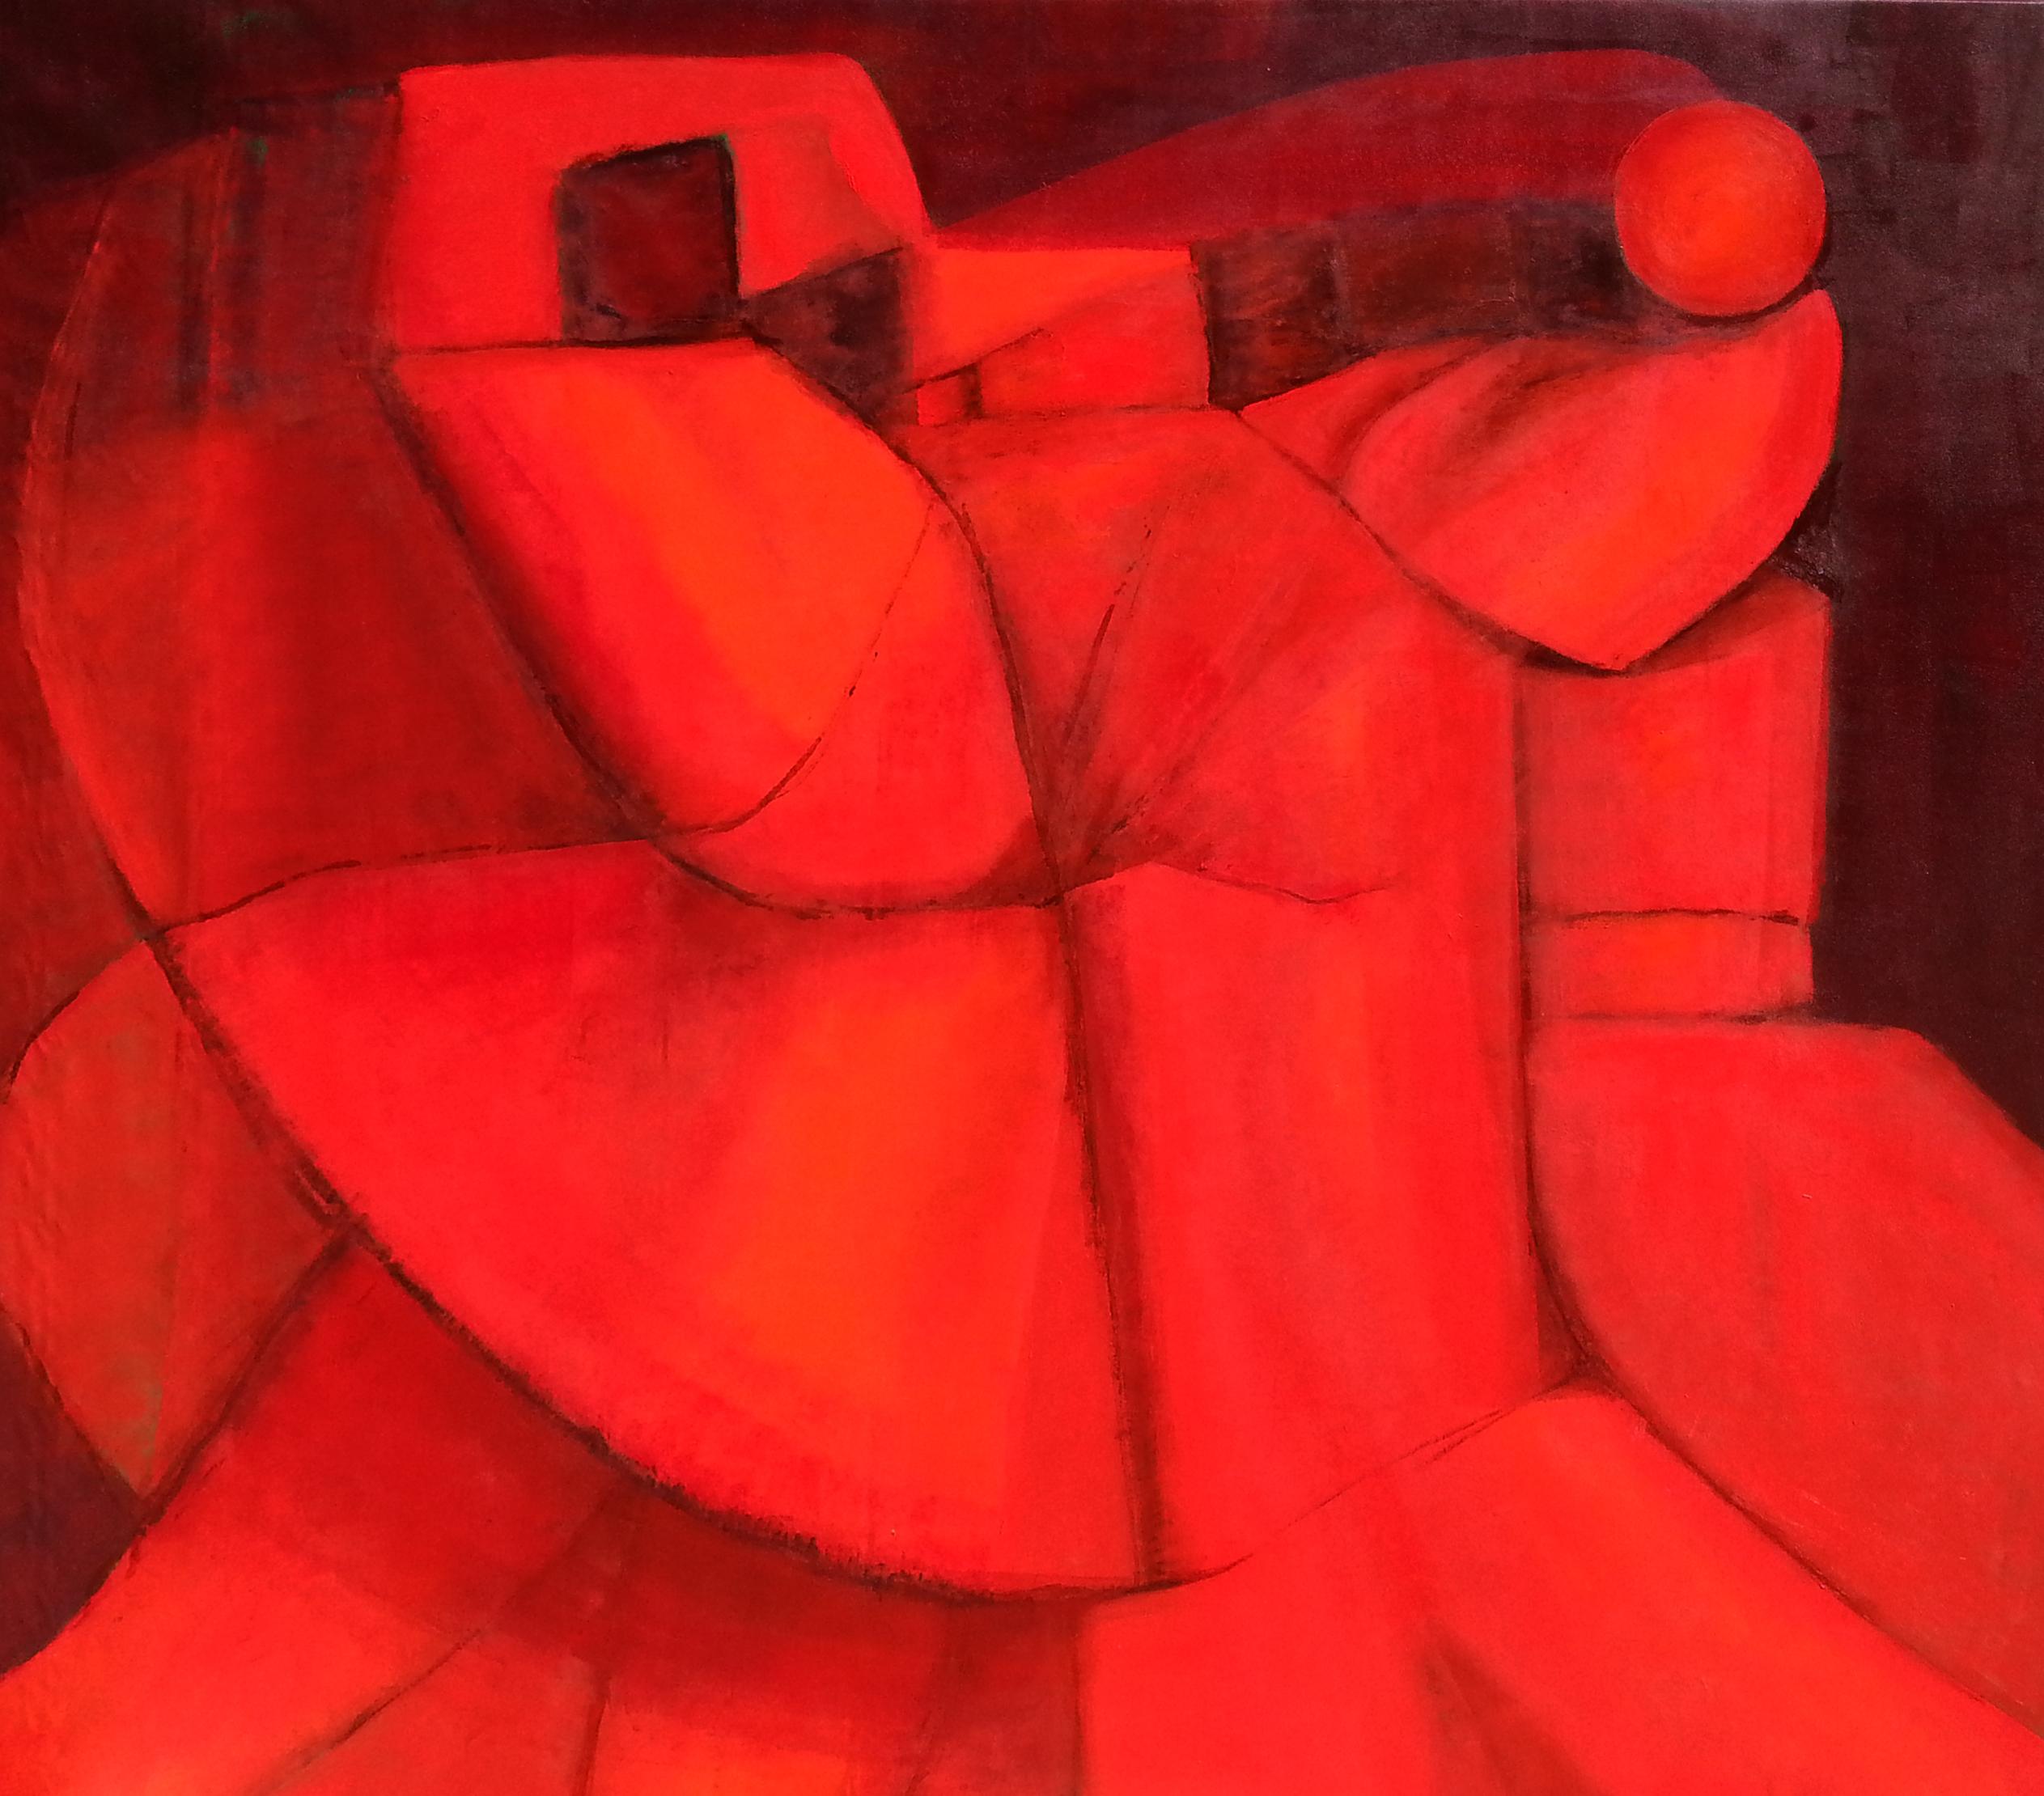 Bartolomeo Gatto Energy in red olio